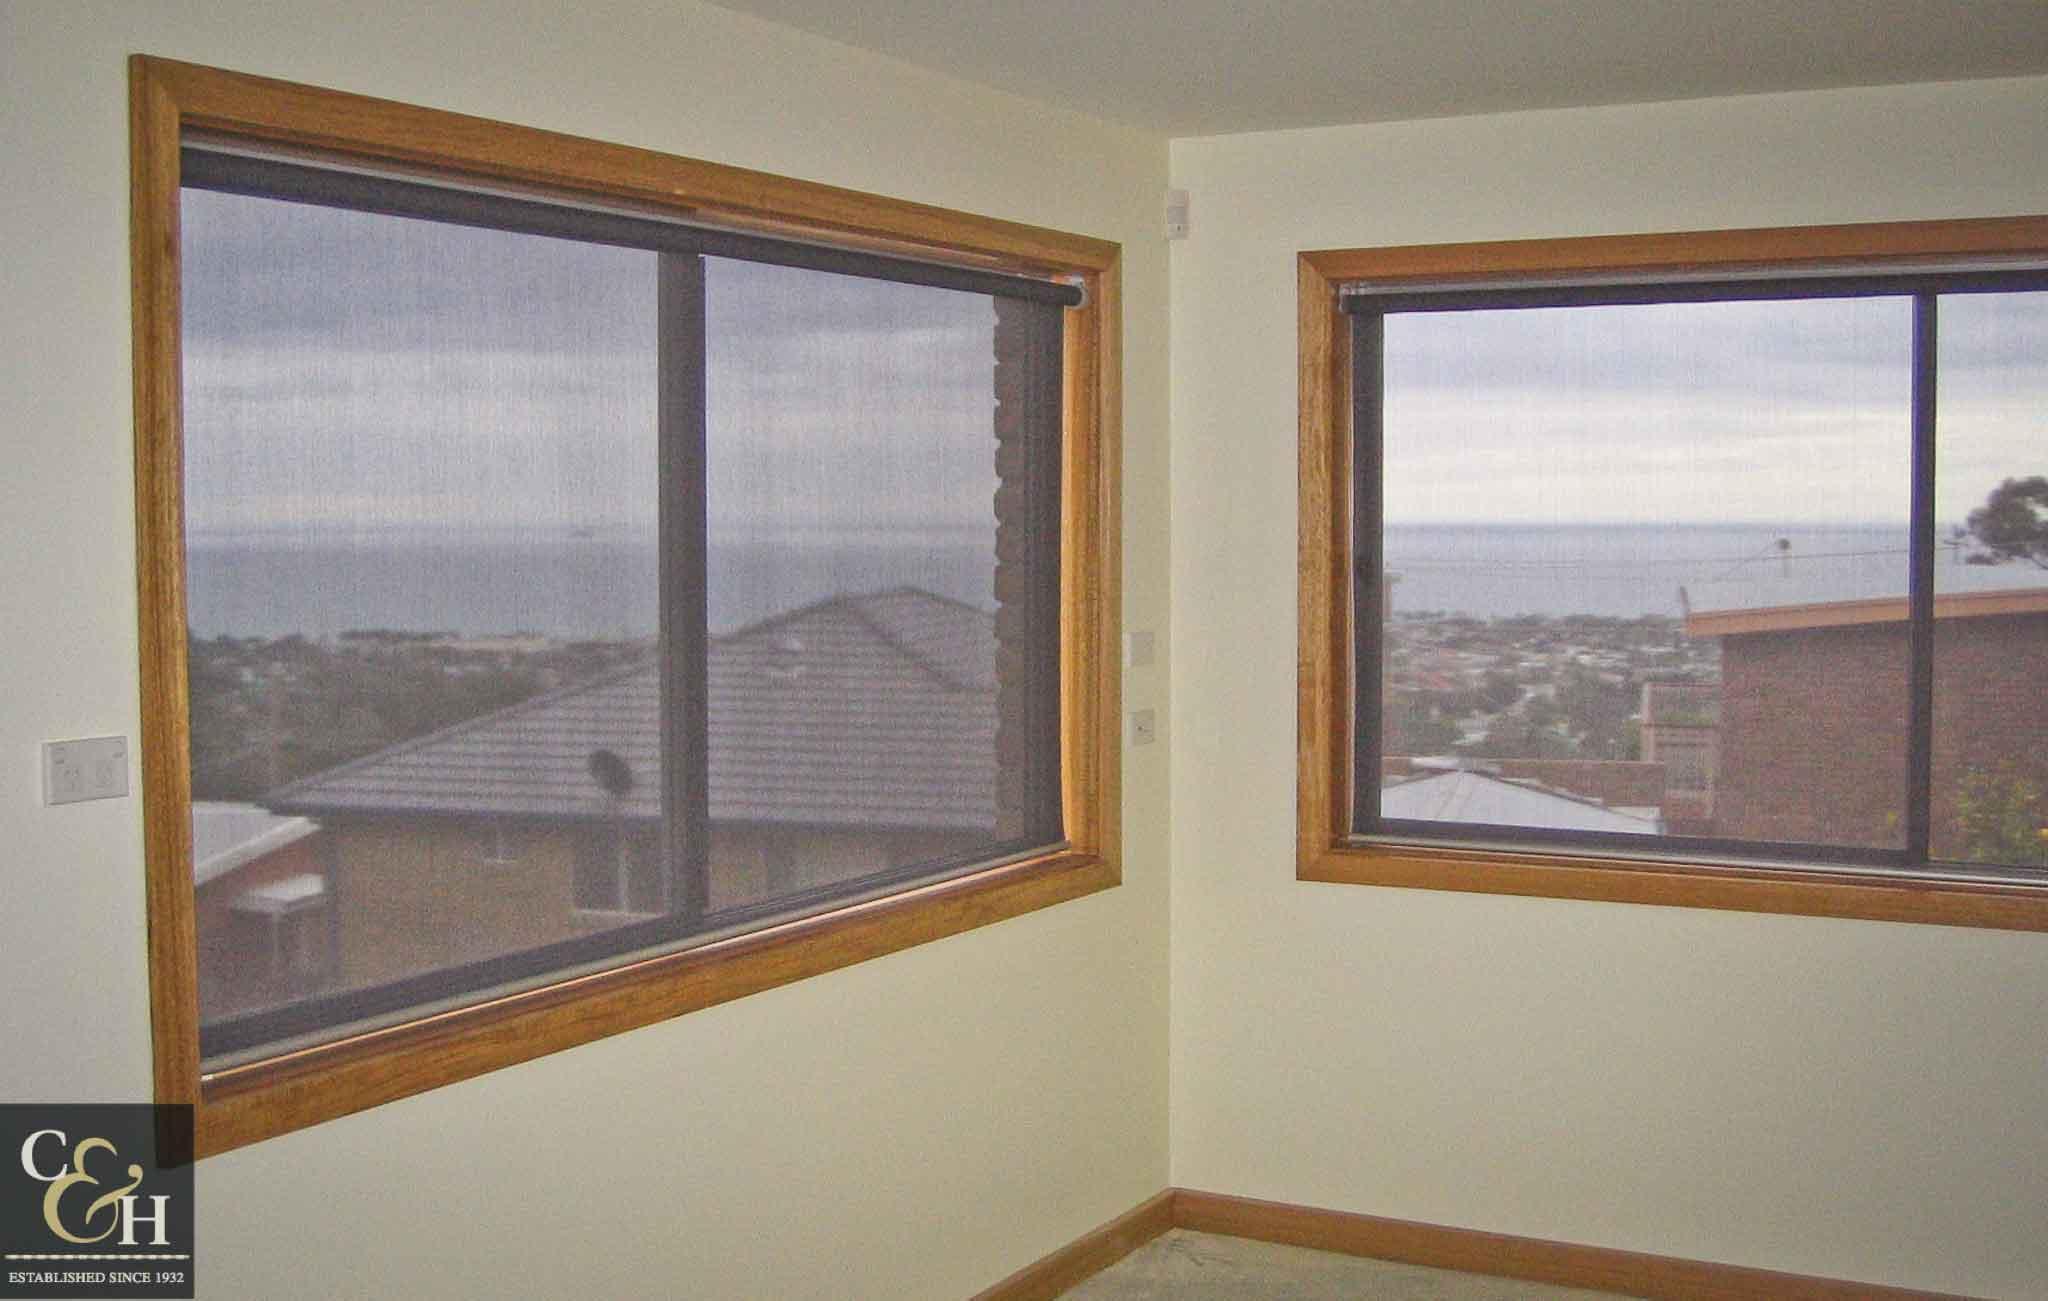 Screen-Roller-Blinds-10 inside a house